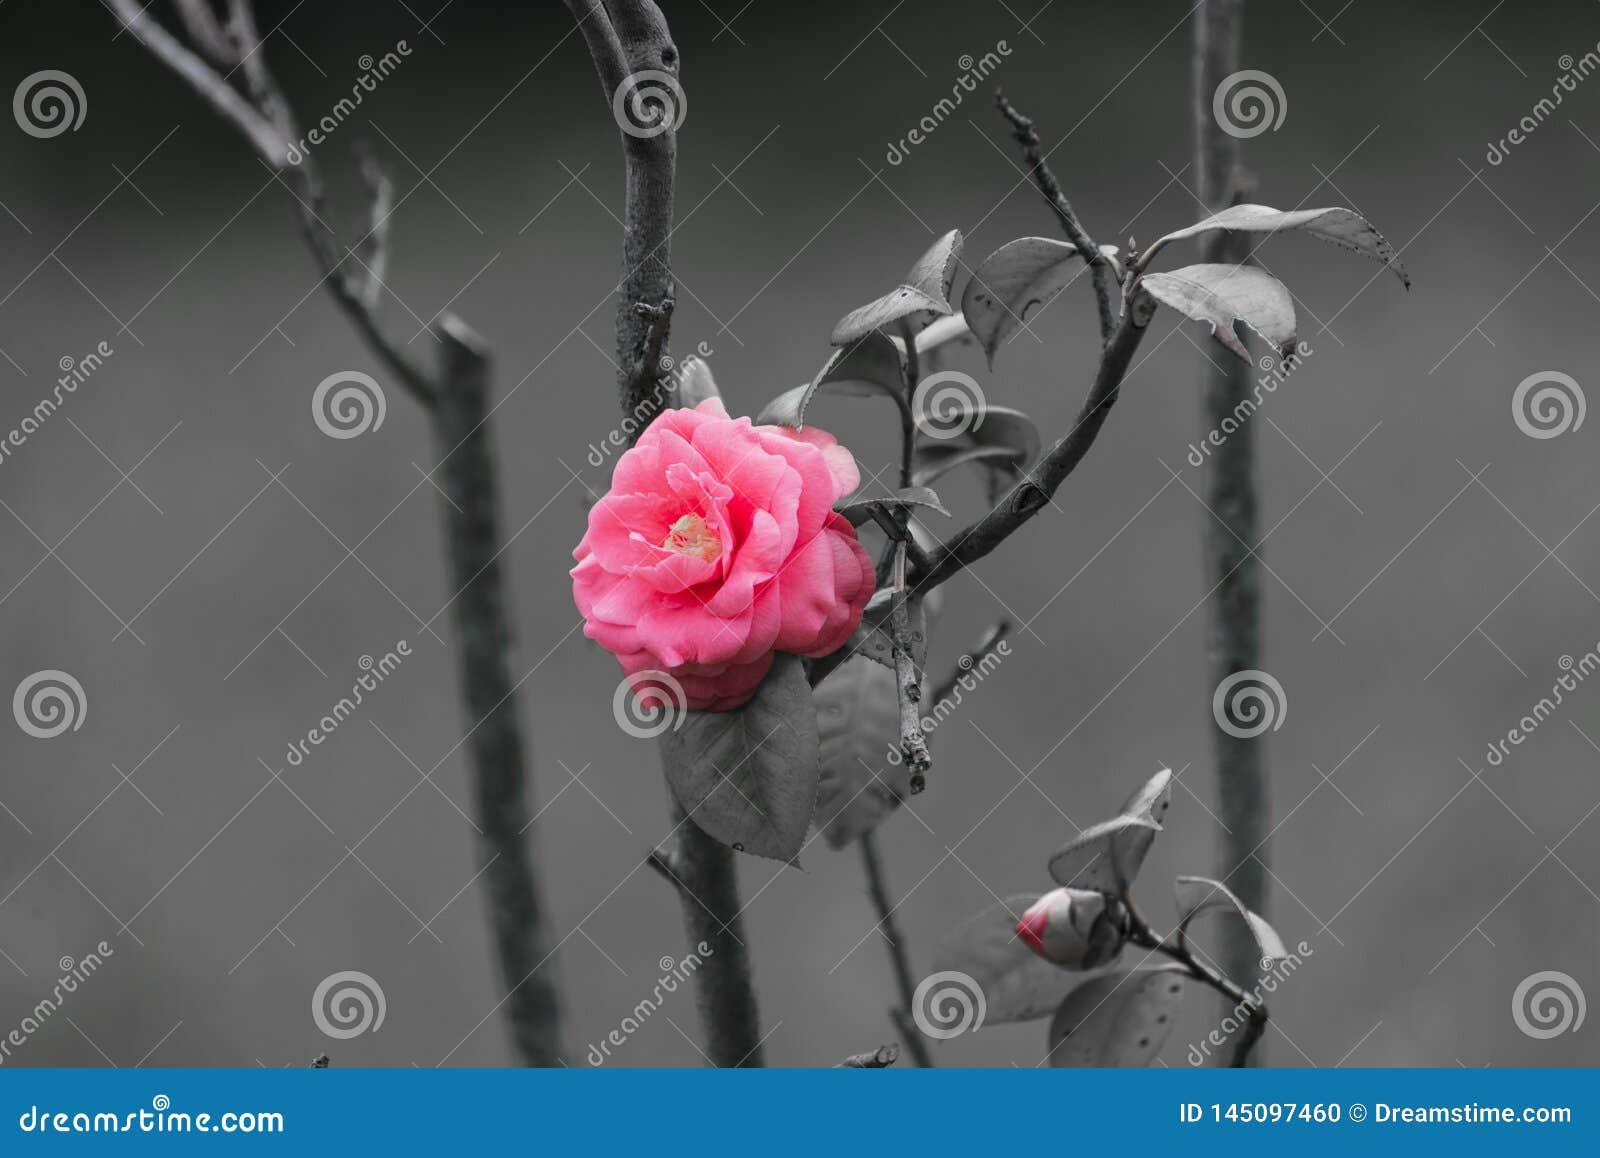 La fleur rose isolée et exceptionnelle